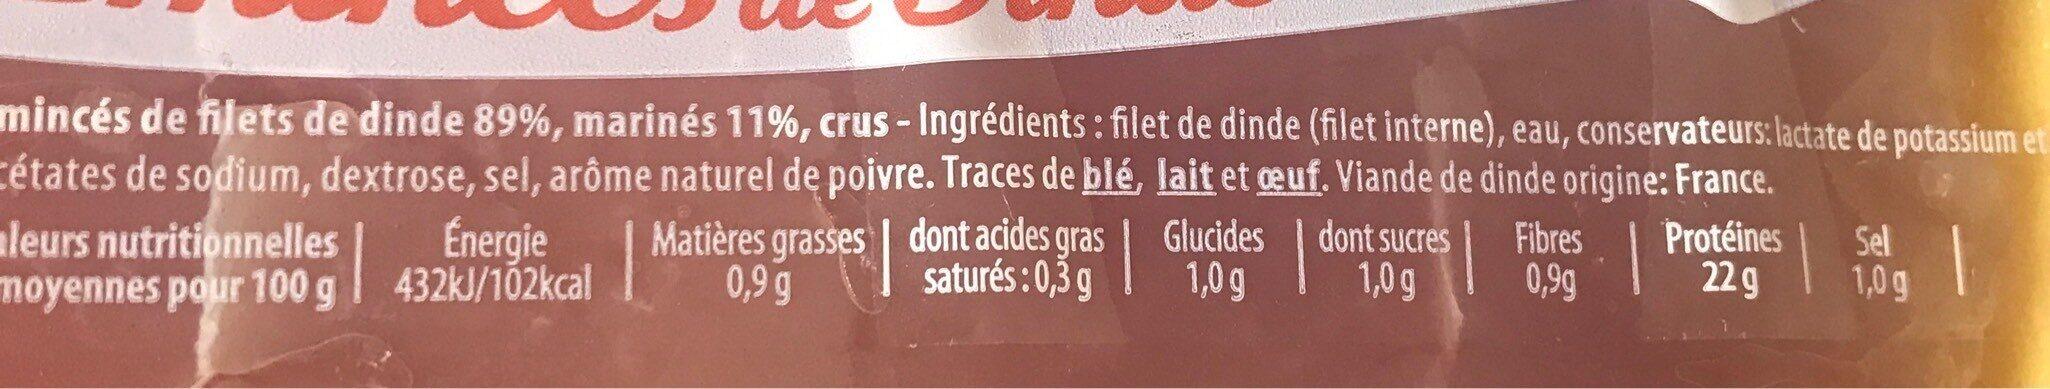 Émincés de filets de dinde - Nutrition facts - fr